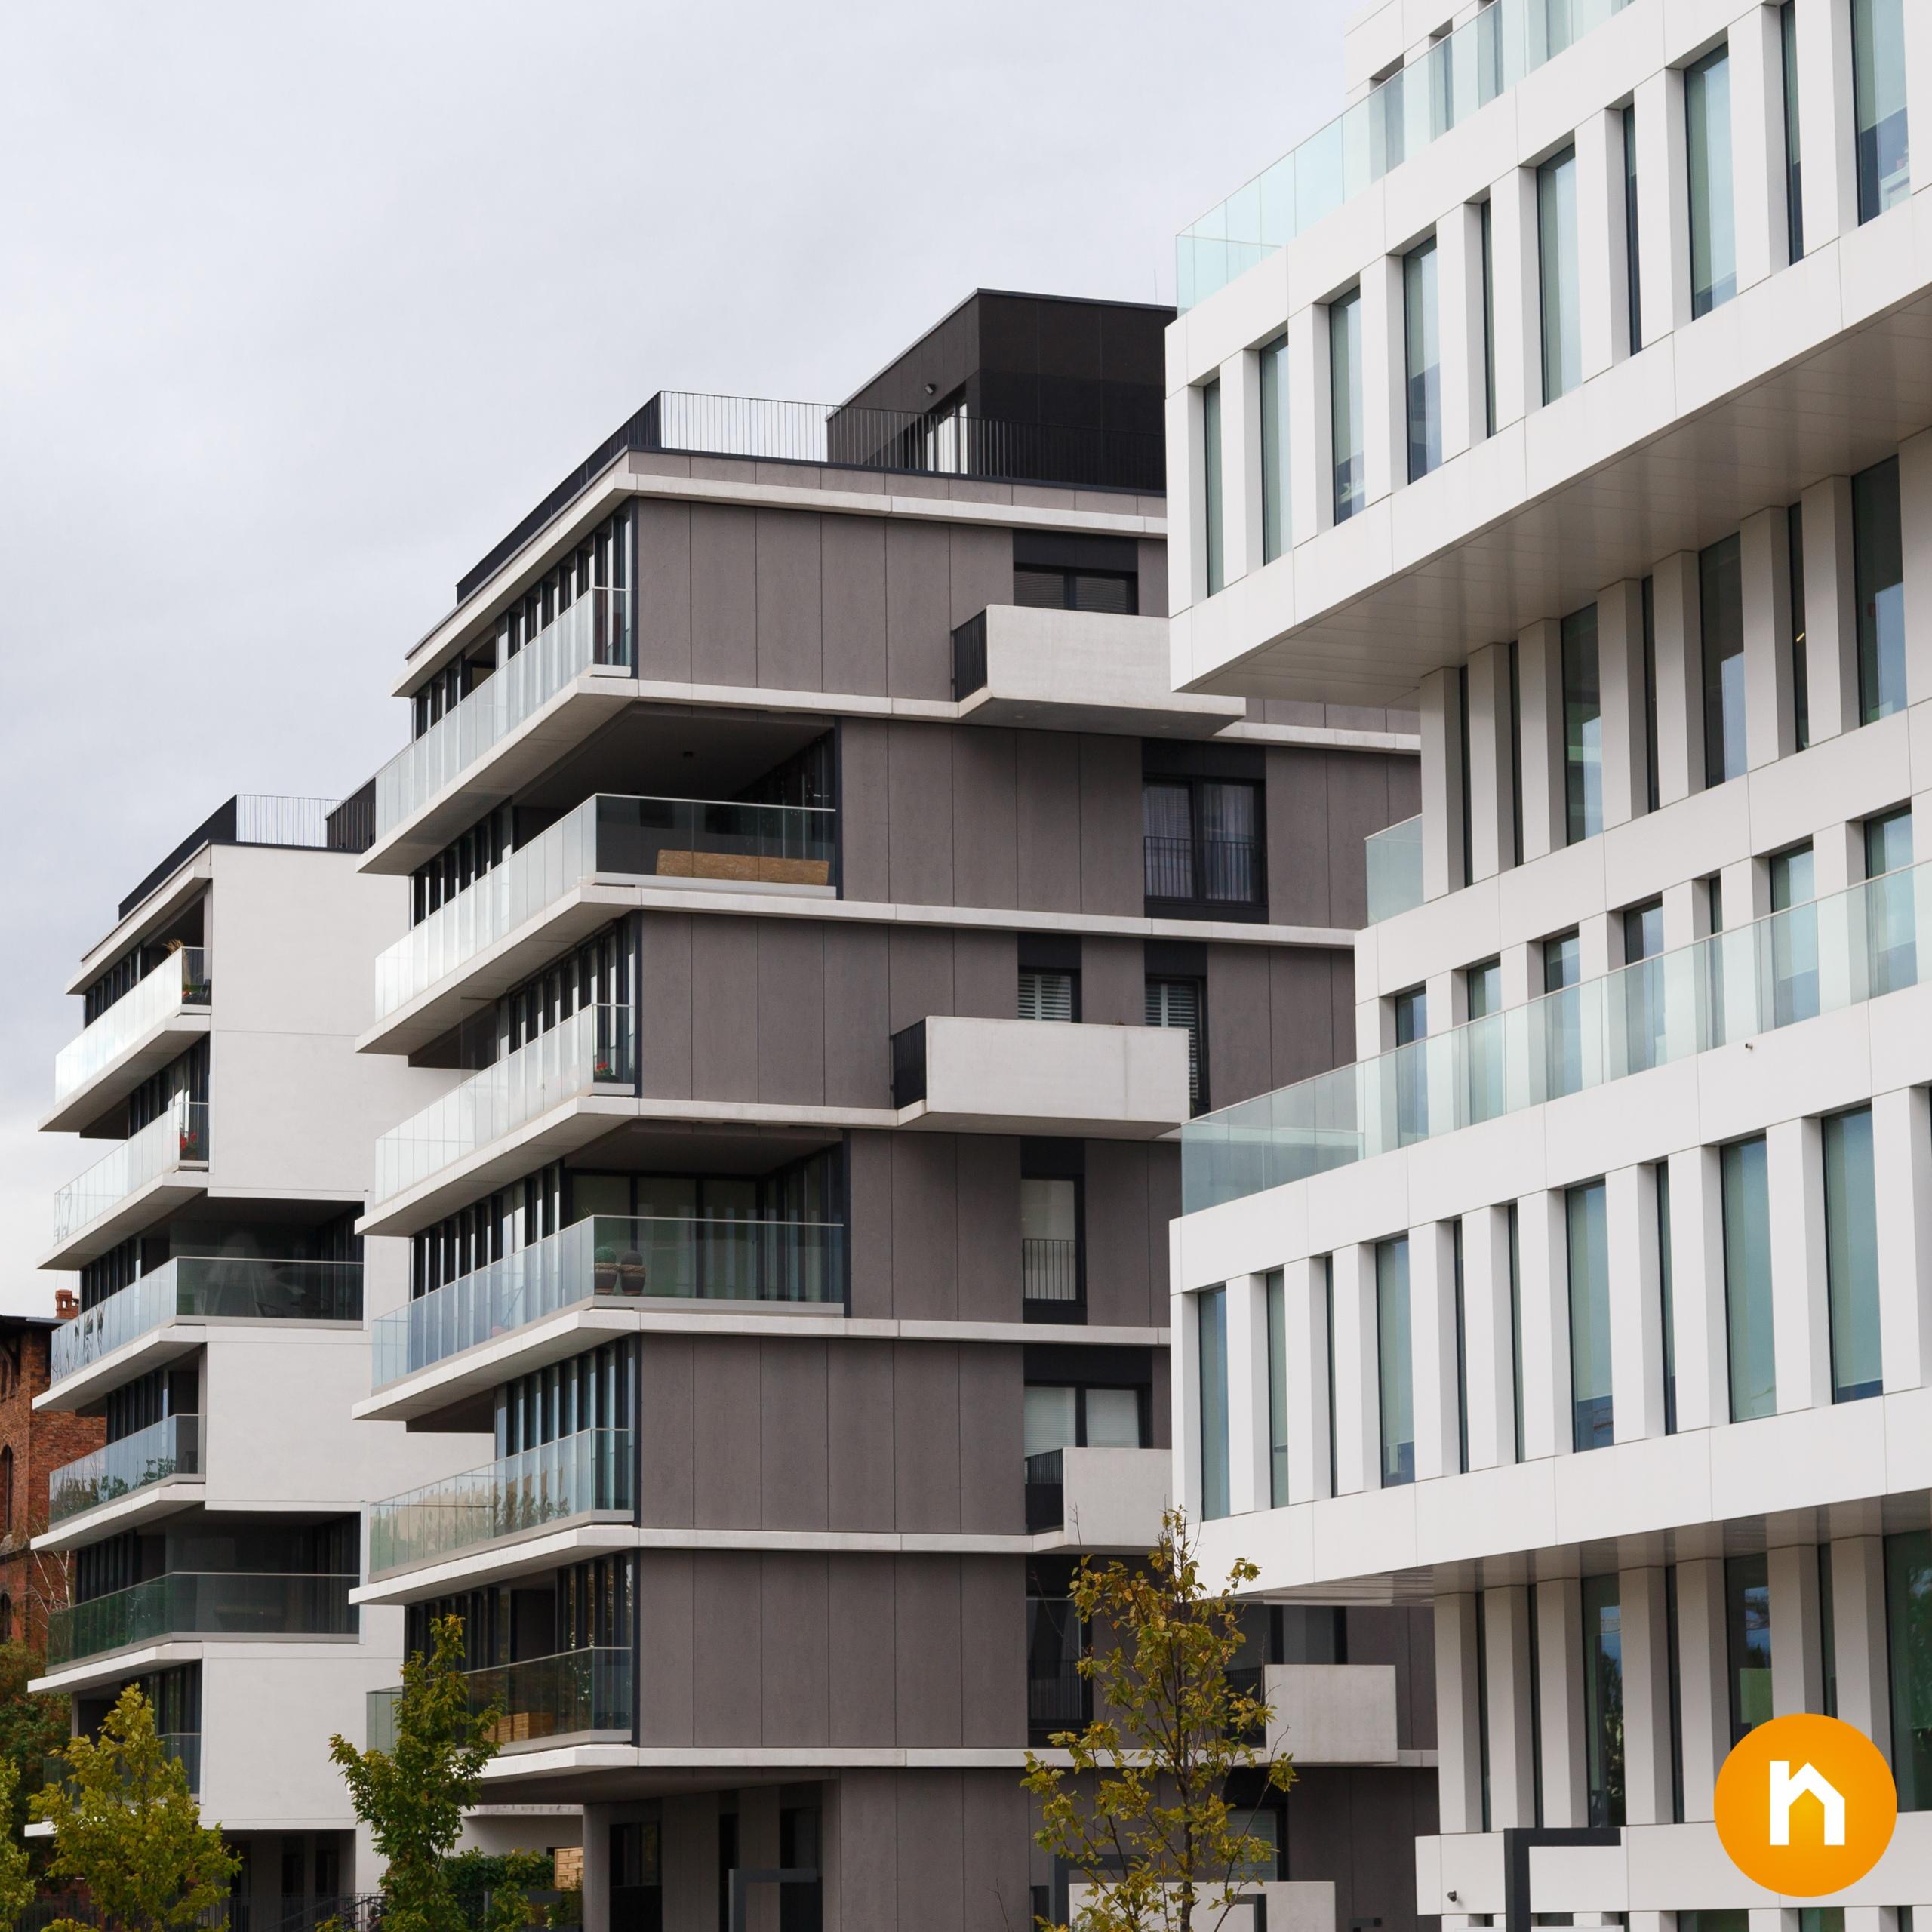 Verrentung von Mehrfamilienhäusern – ein zukunftweisender Trend